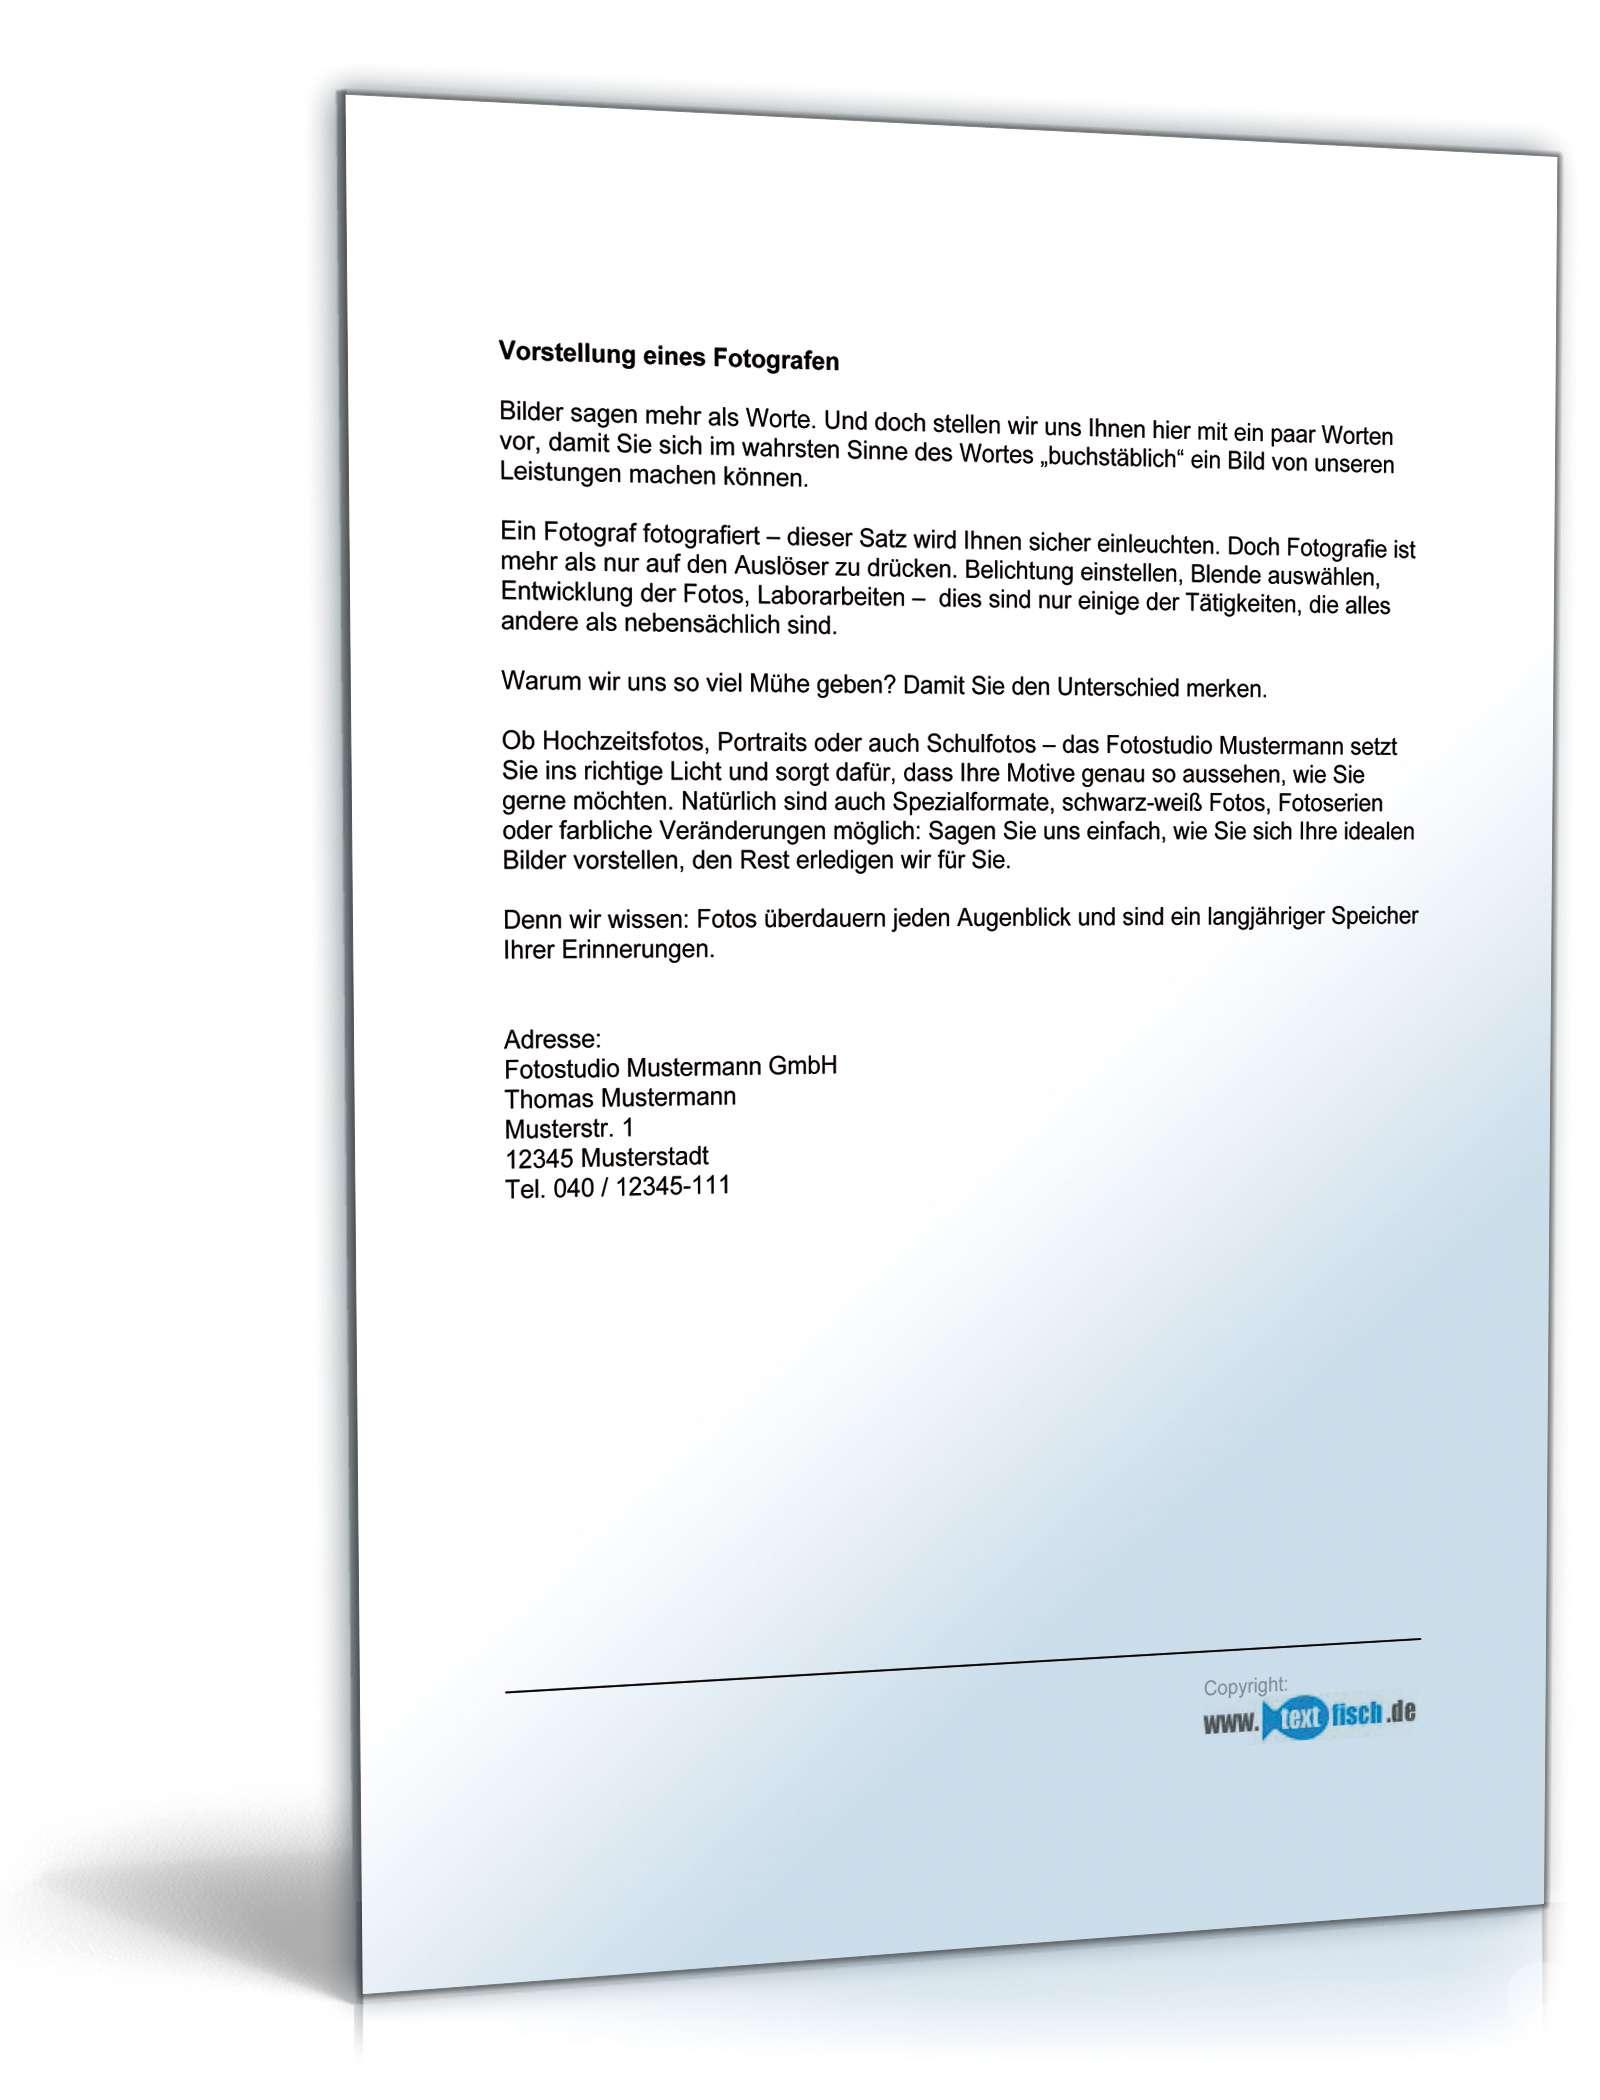 Charmant Landschaft Vertragsvorlage Ideen - Entry Level Resume ...